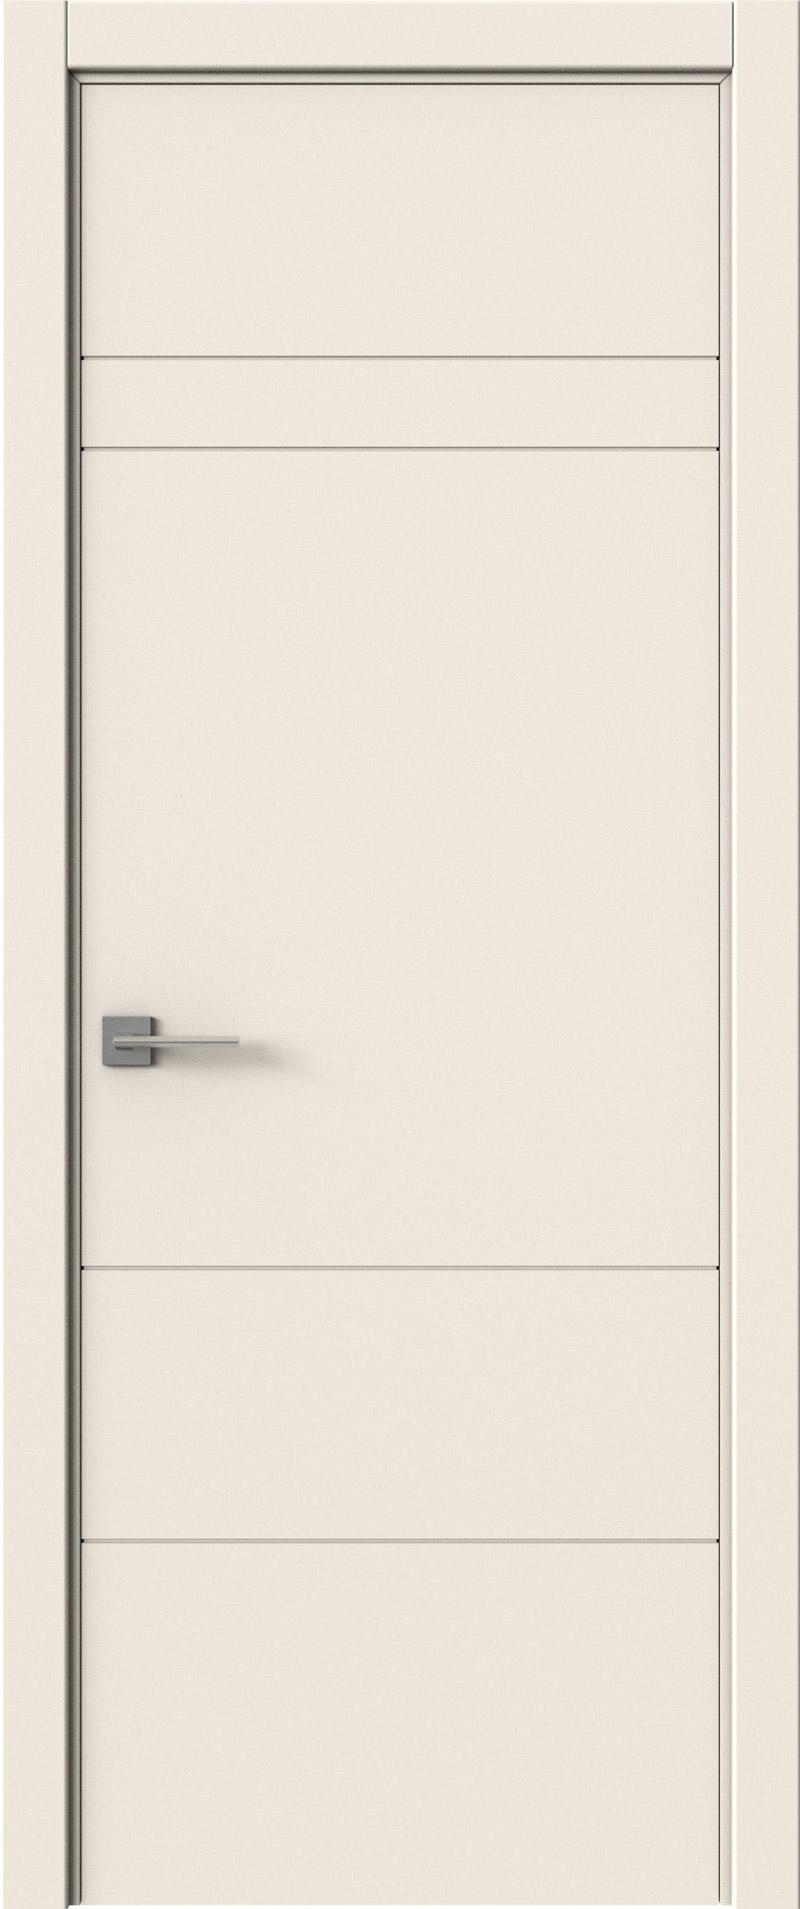 Tivoli К-2 цвет - Бежевая эмаль (RAL 9010) Без стекла (ДГ)